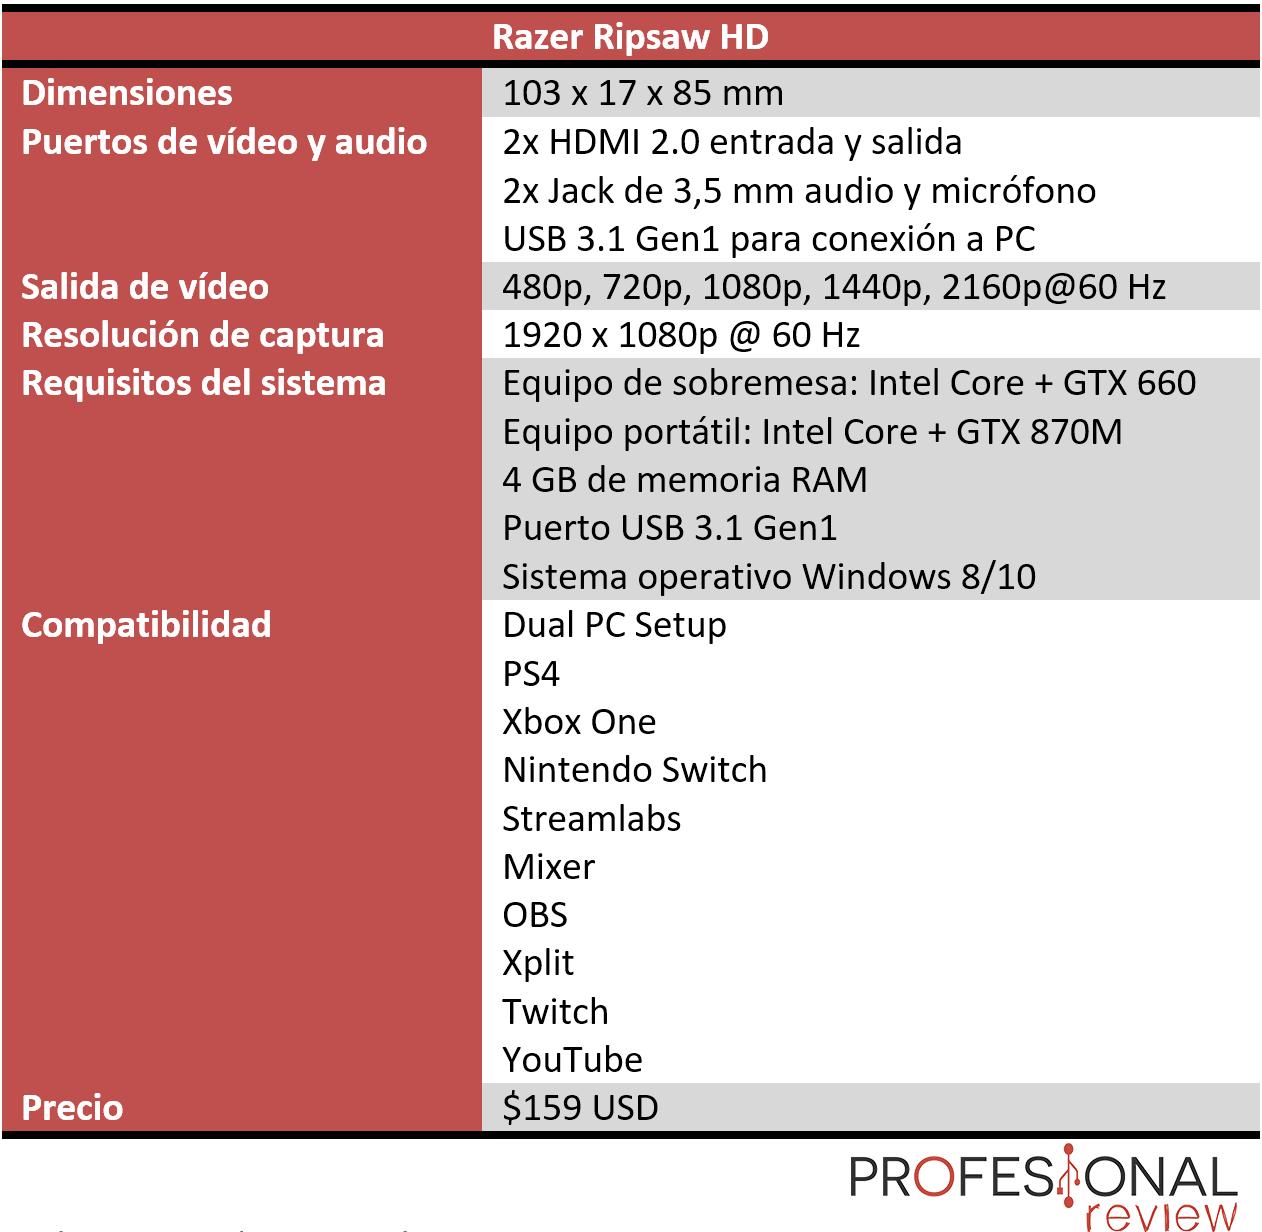 Razer Ripsaw HD Características